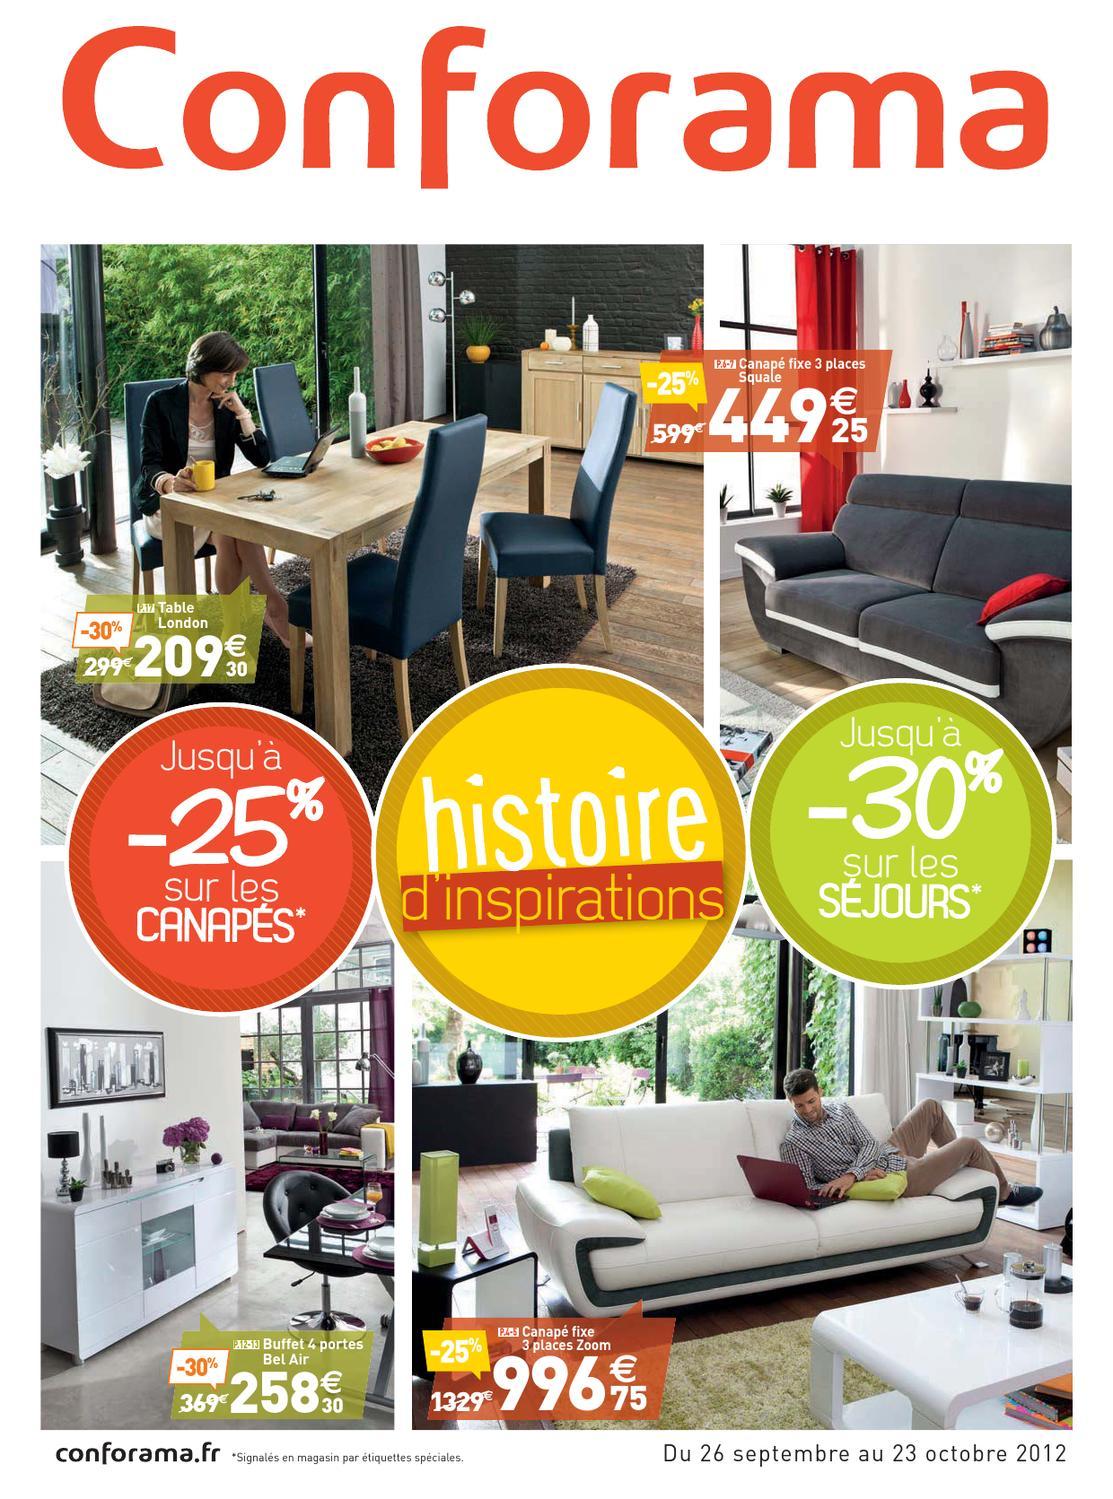 conforama catalogue26 septembre 2012 by